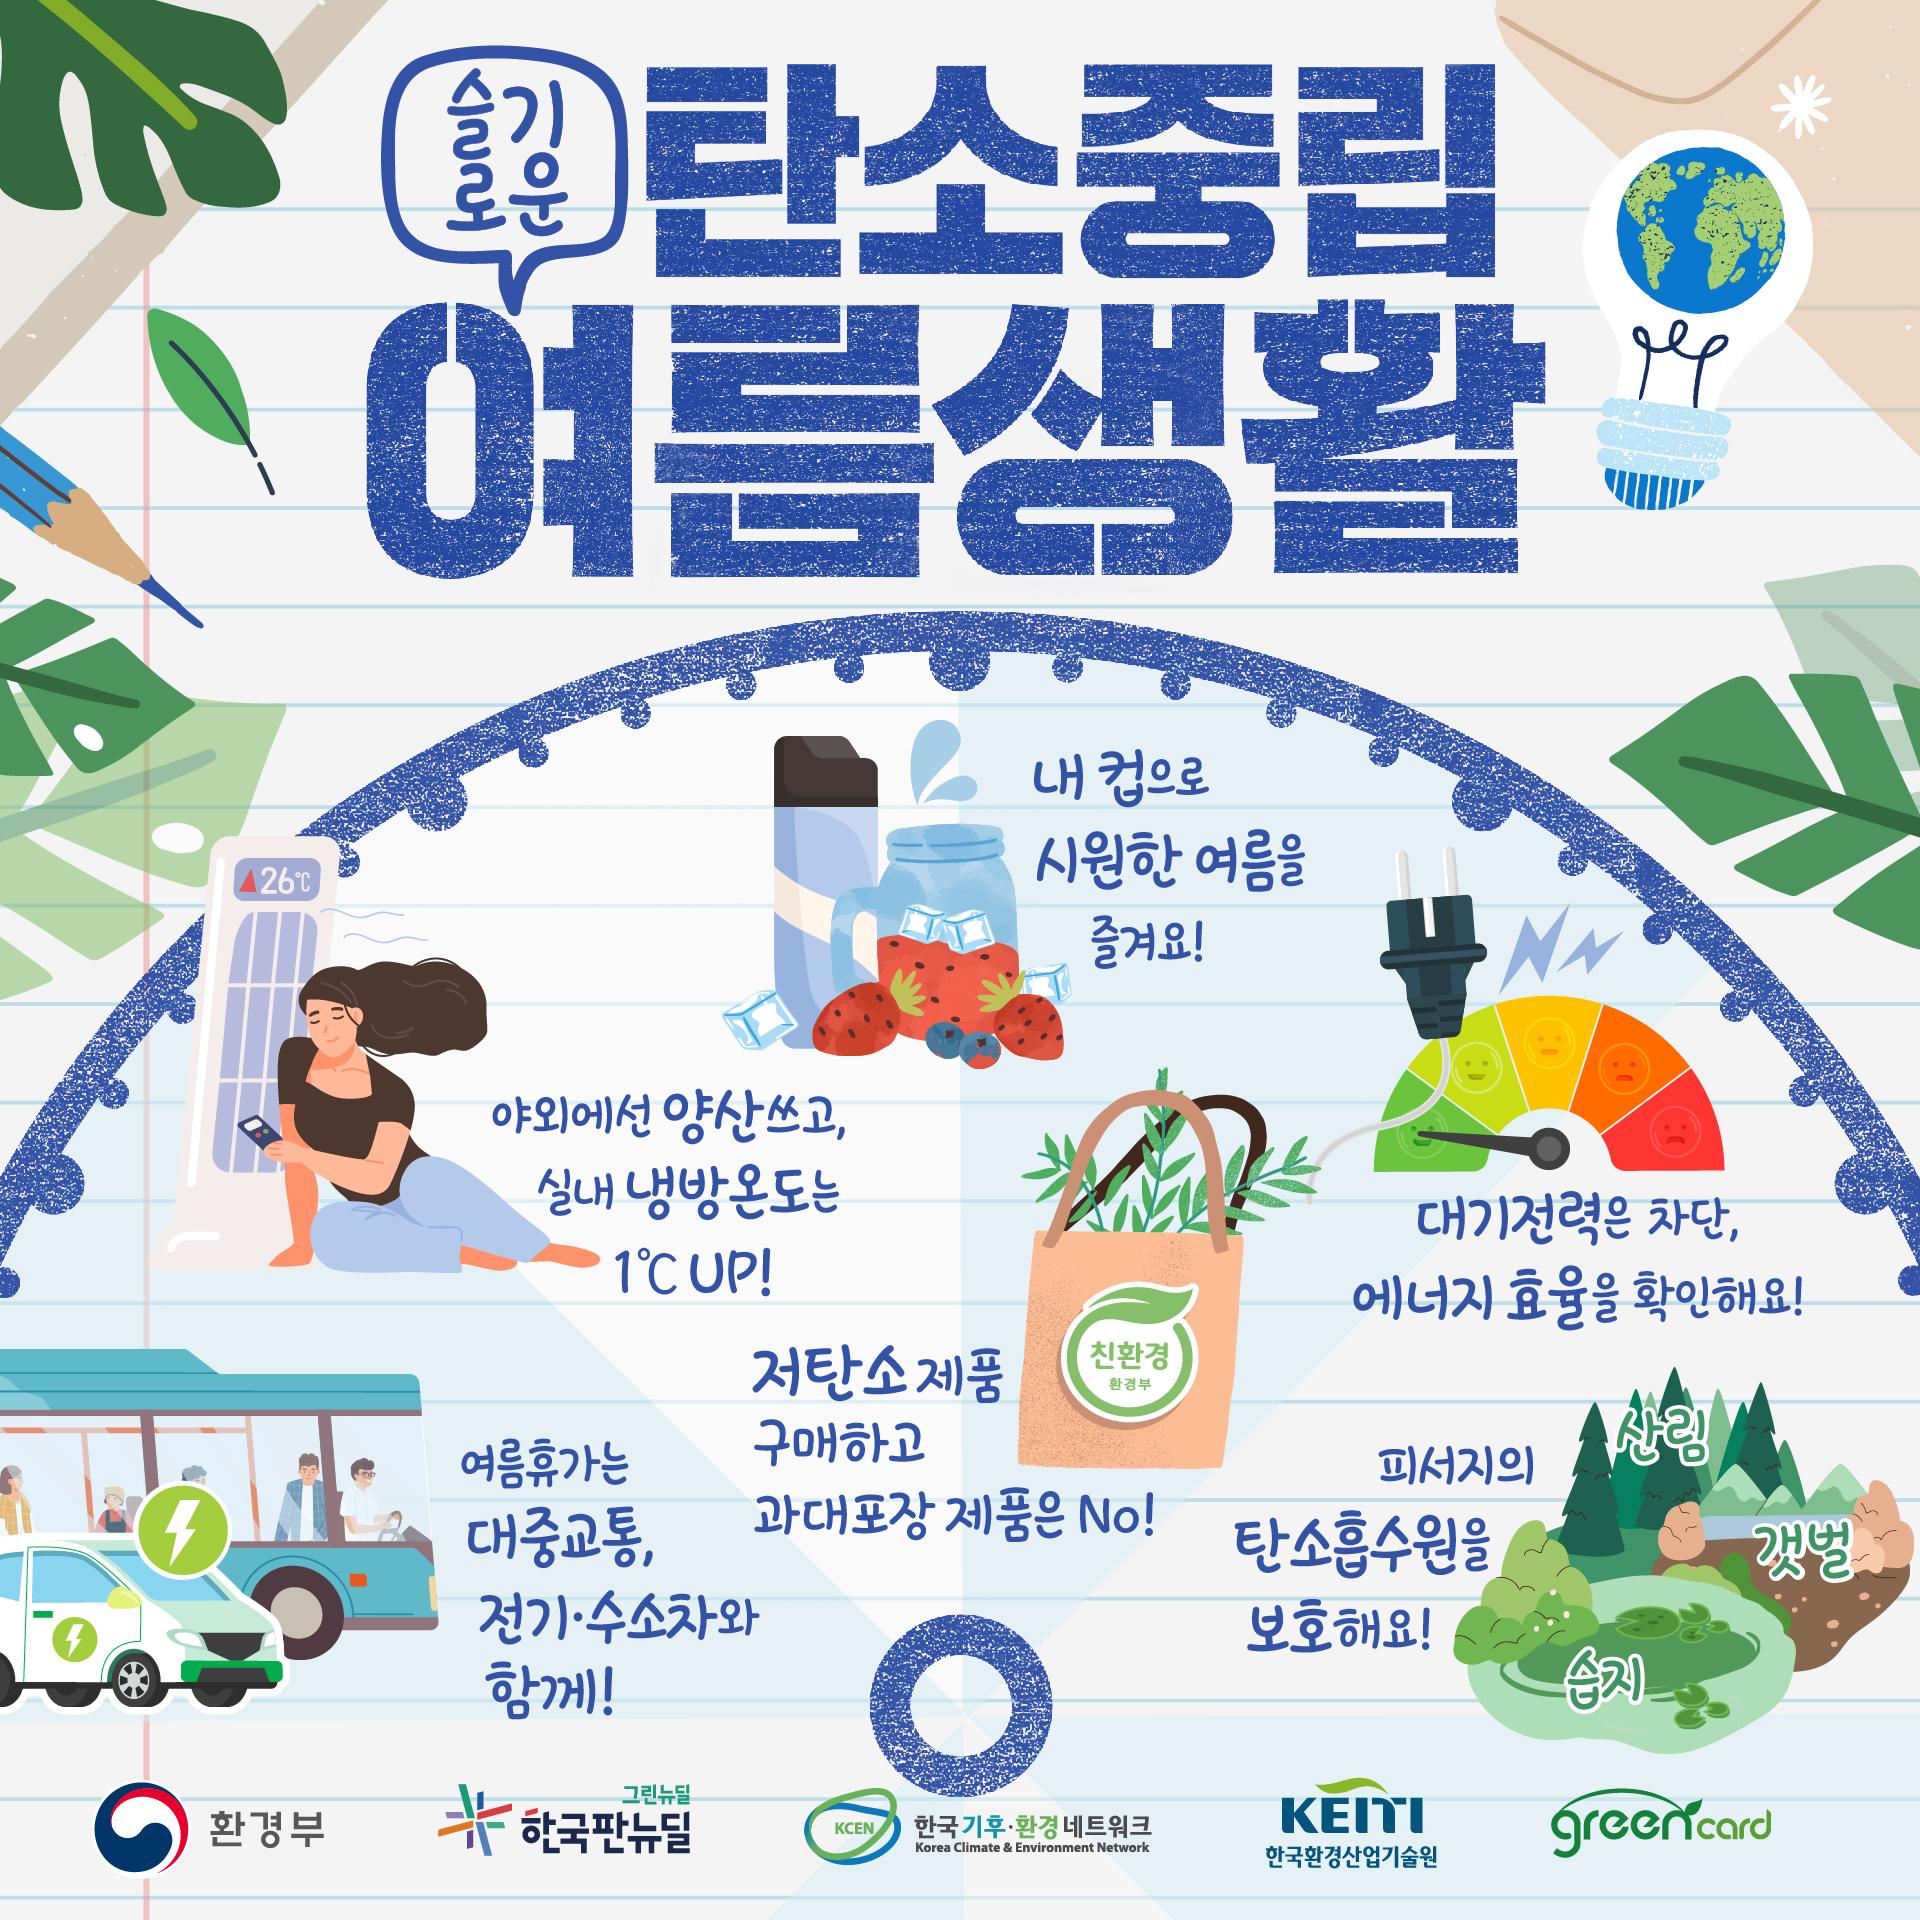 3. 여름생활_정방형(웹).jpg